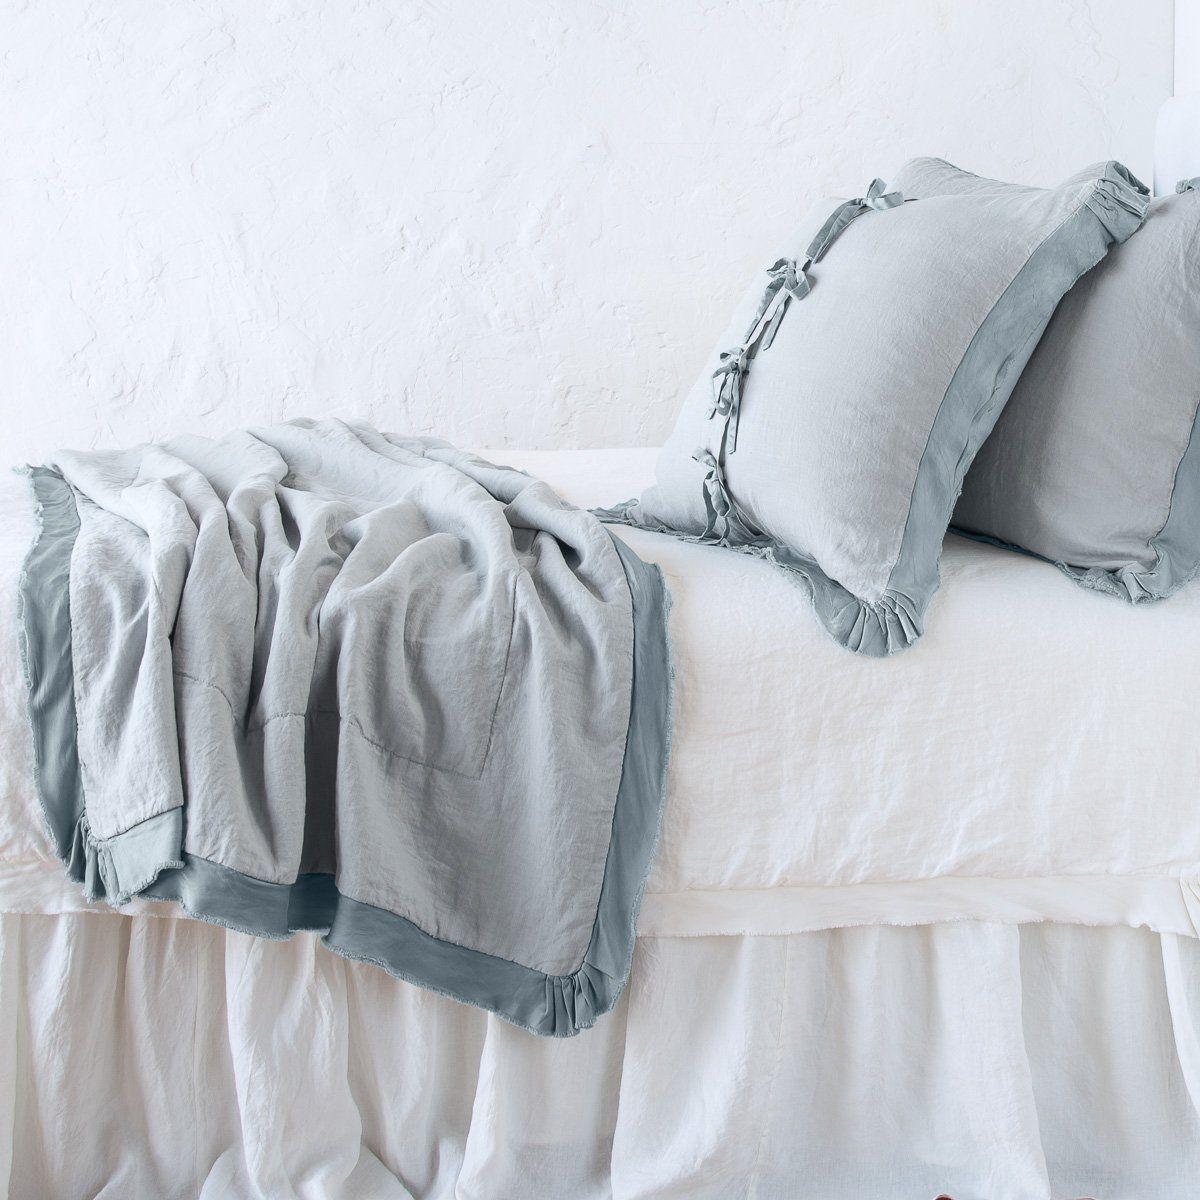 Delphine Personal Comforter in 2020 Comforters, Velvet